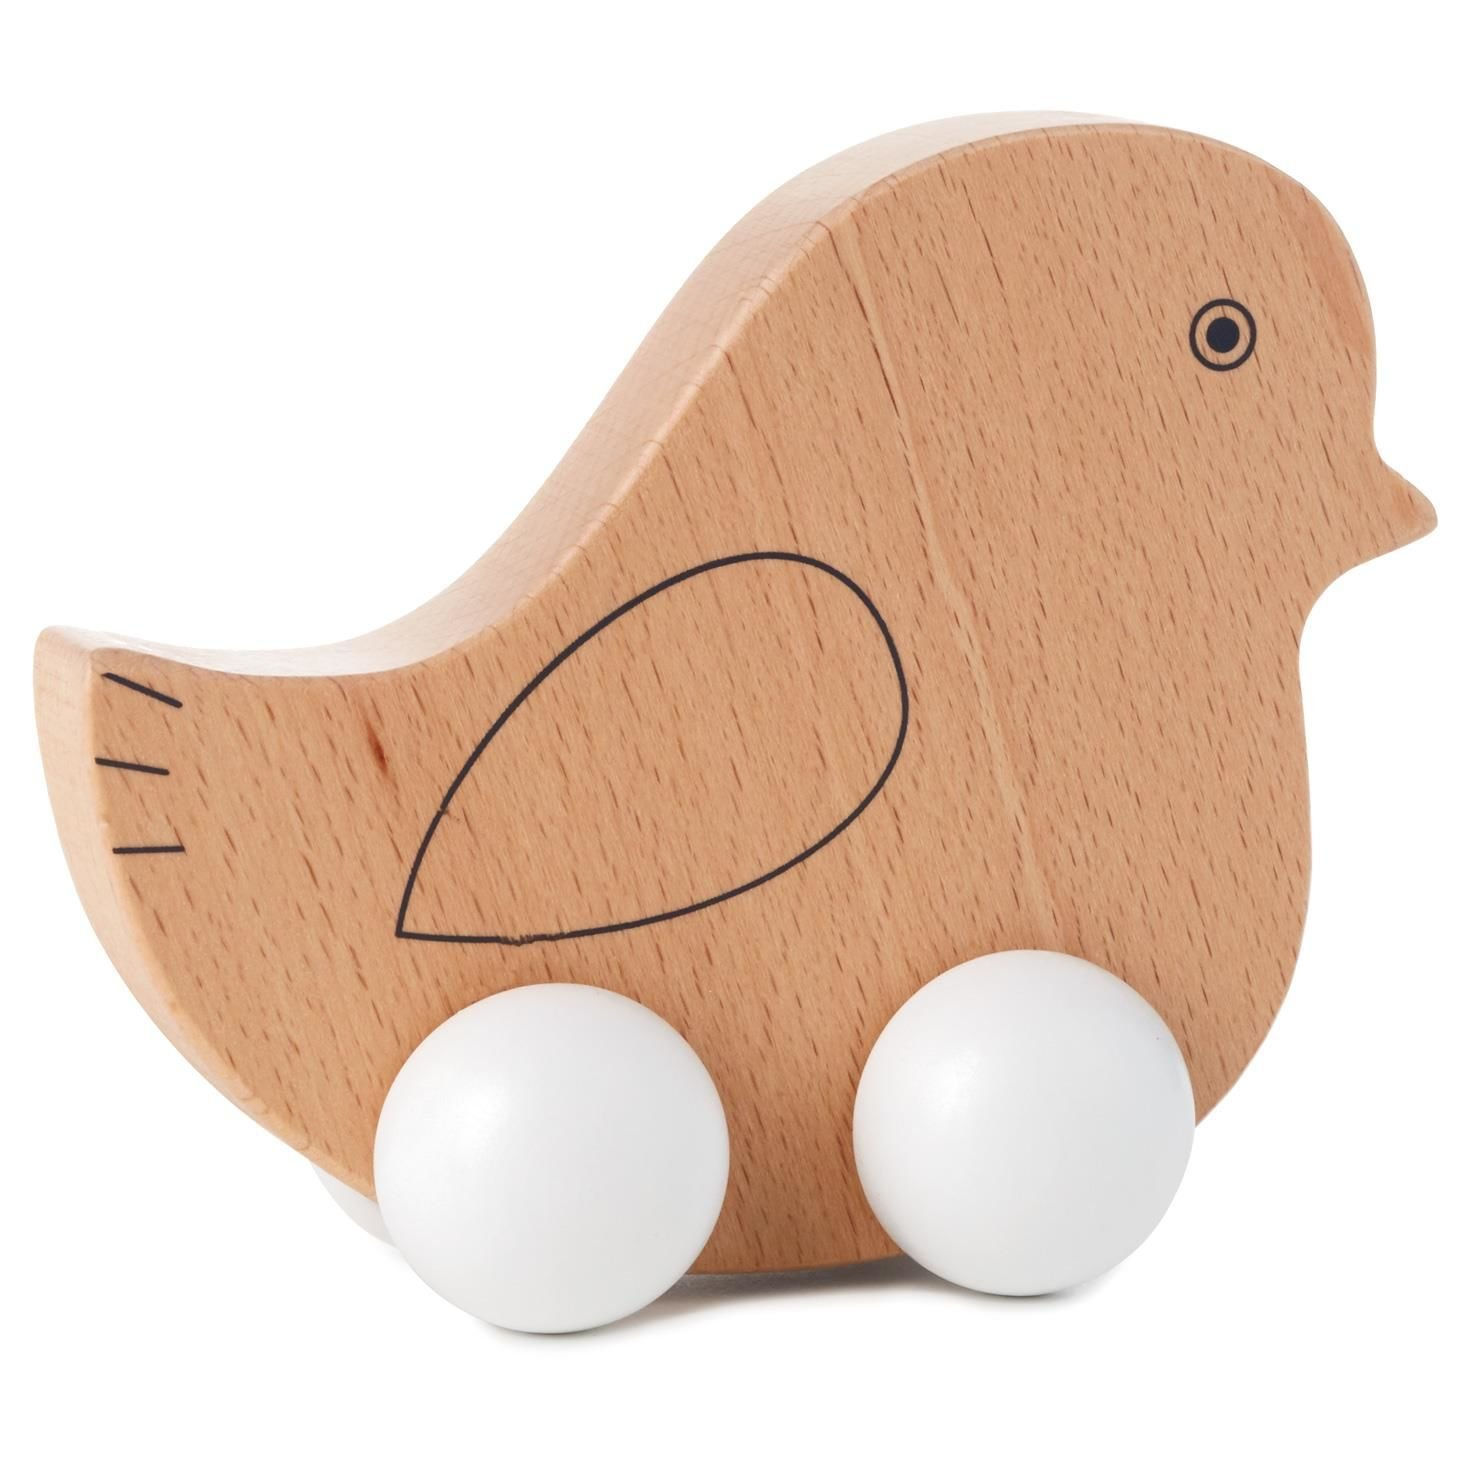 Hallmark Wooden Toy Chick